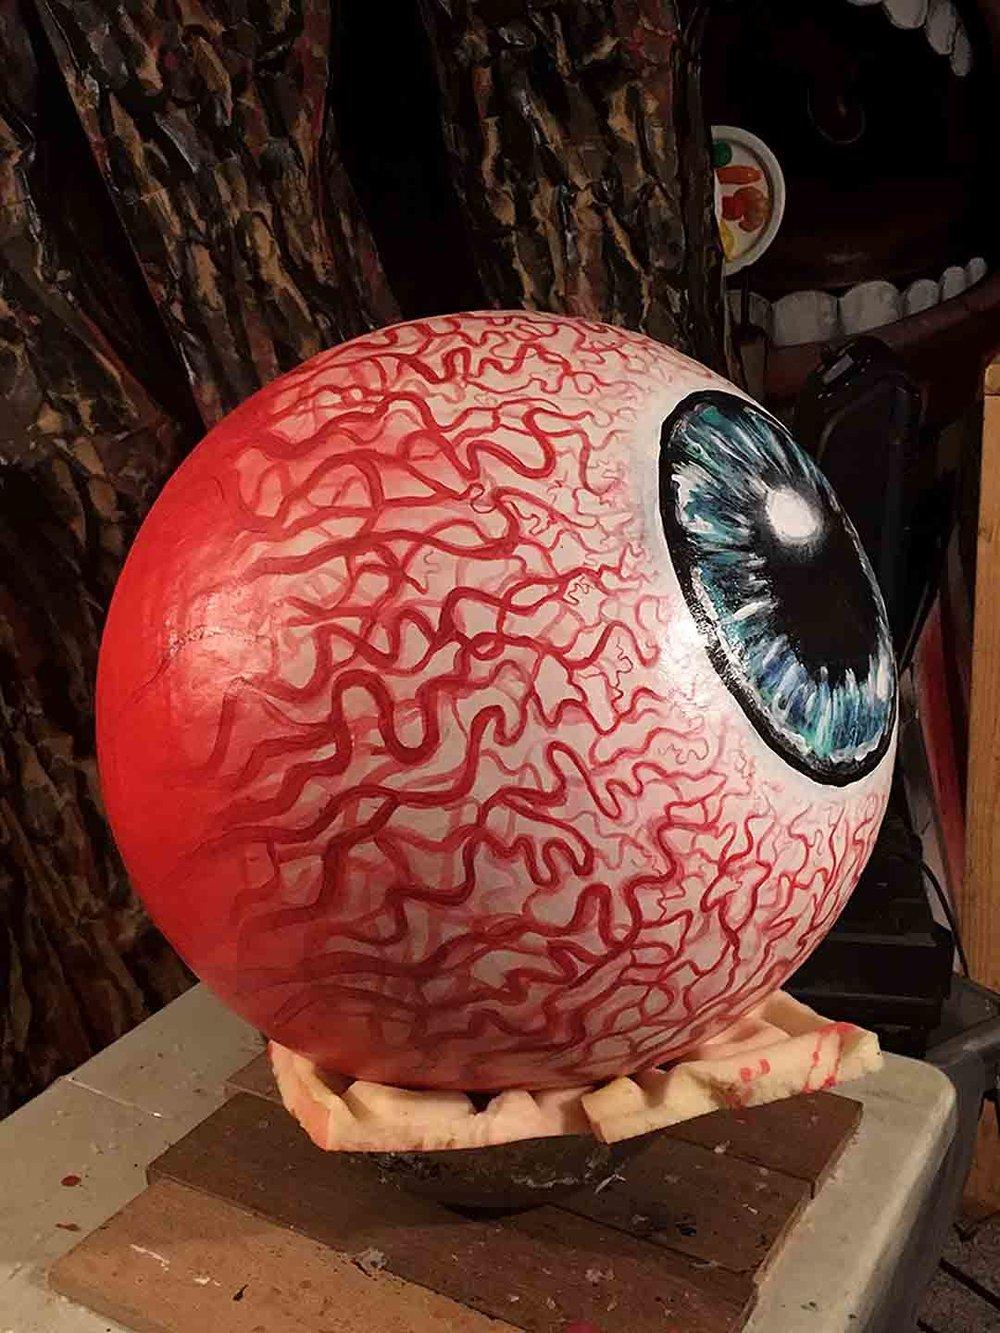 eye ball prop process18 web.jpg